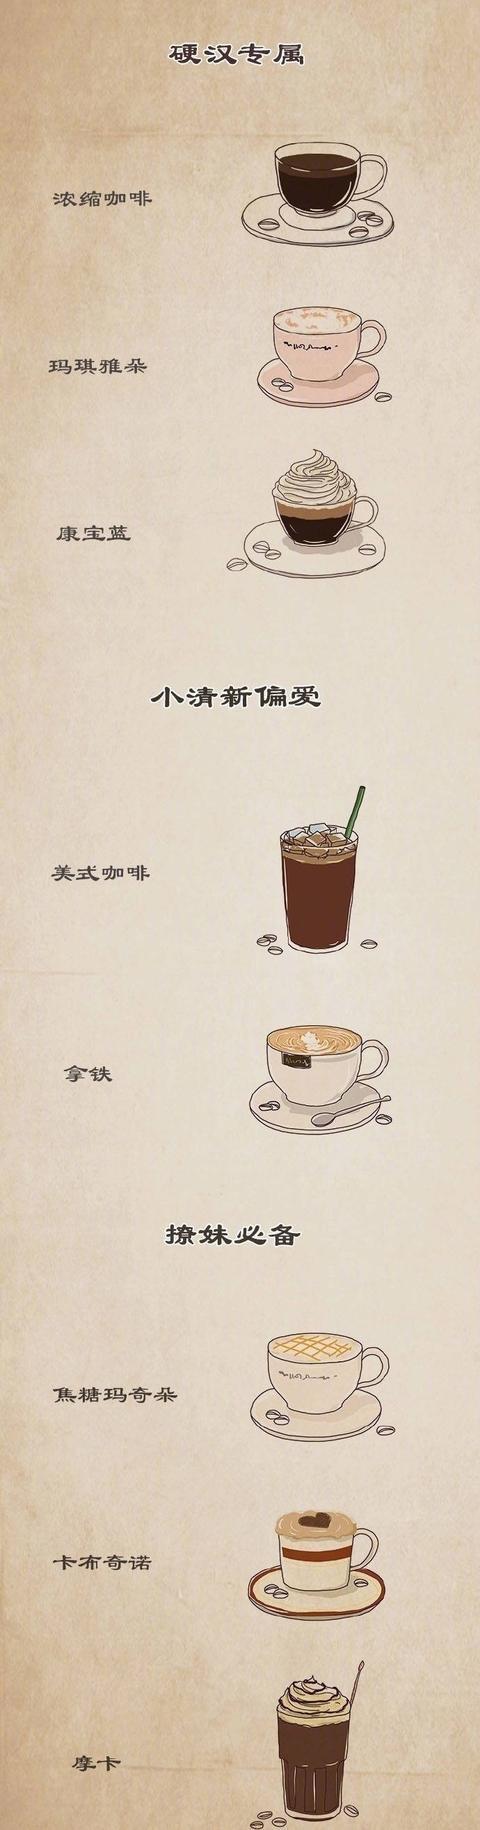 咖啡知识图片 (1).JPG